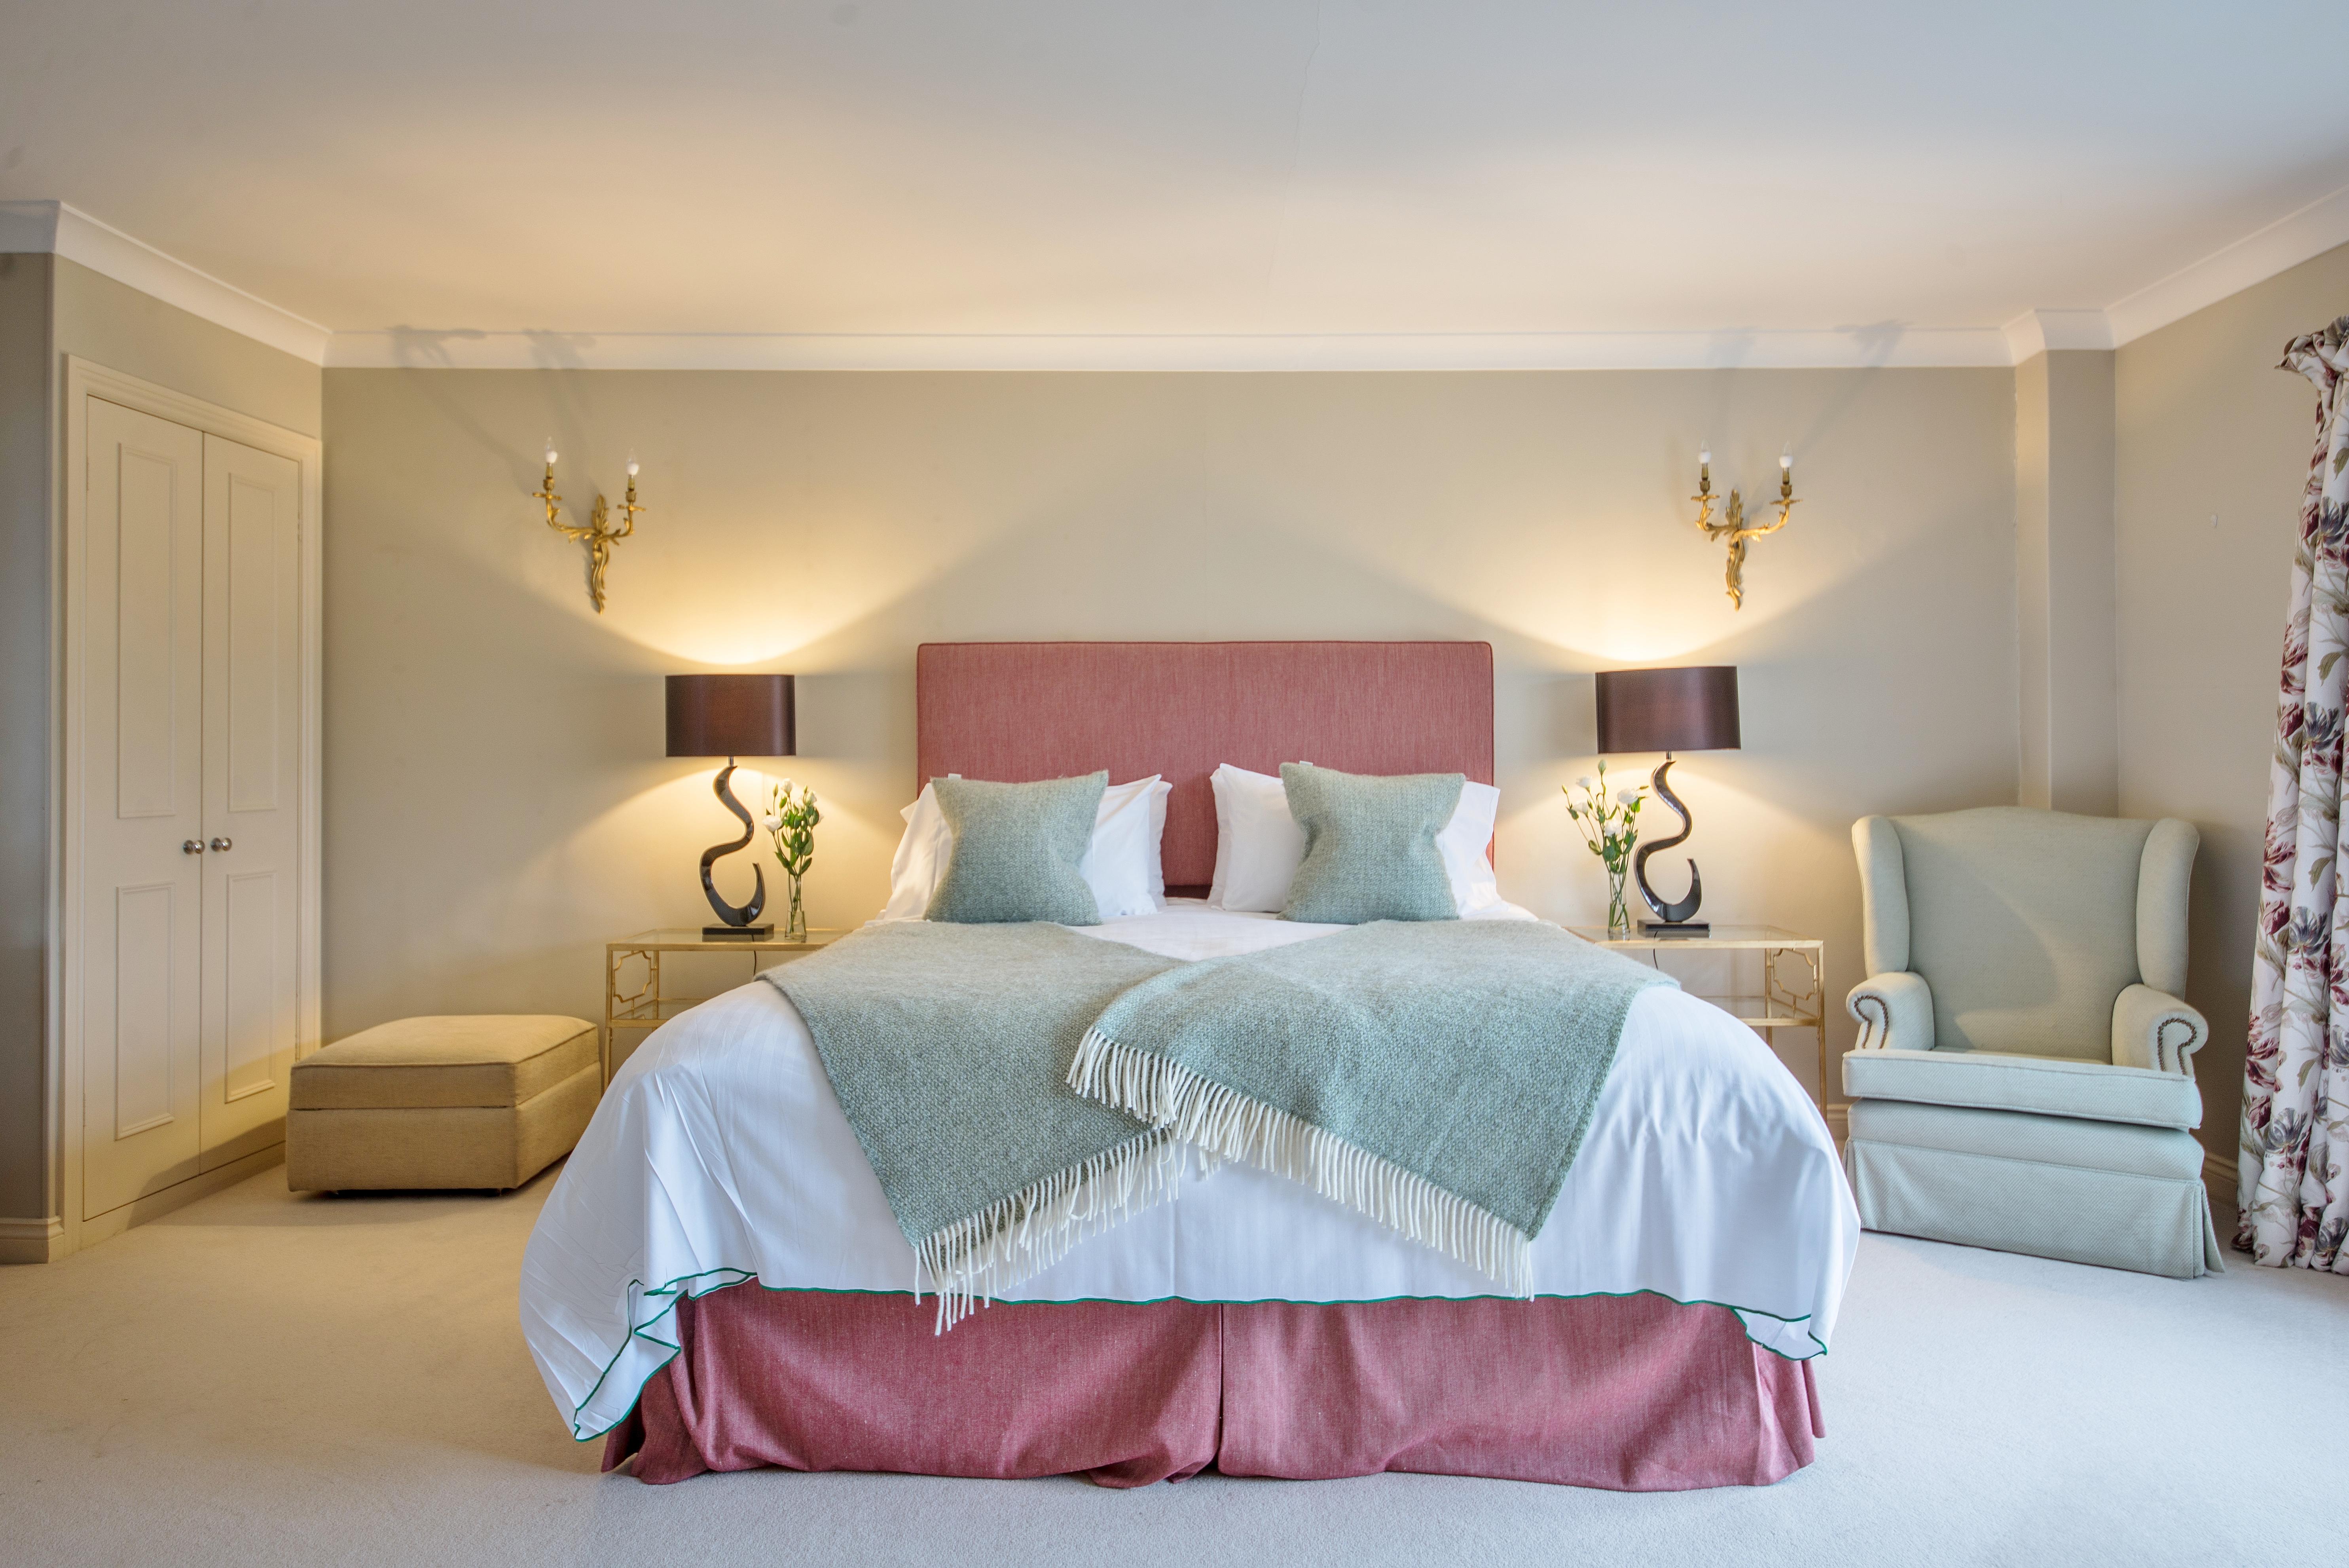 Room 16 - The Churchill Room